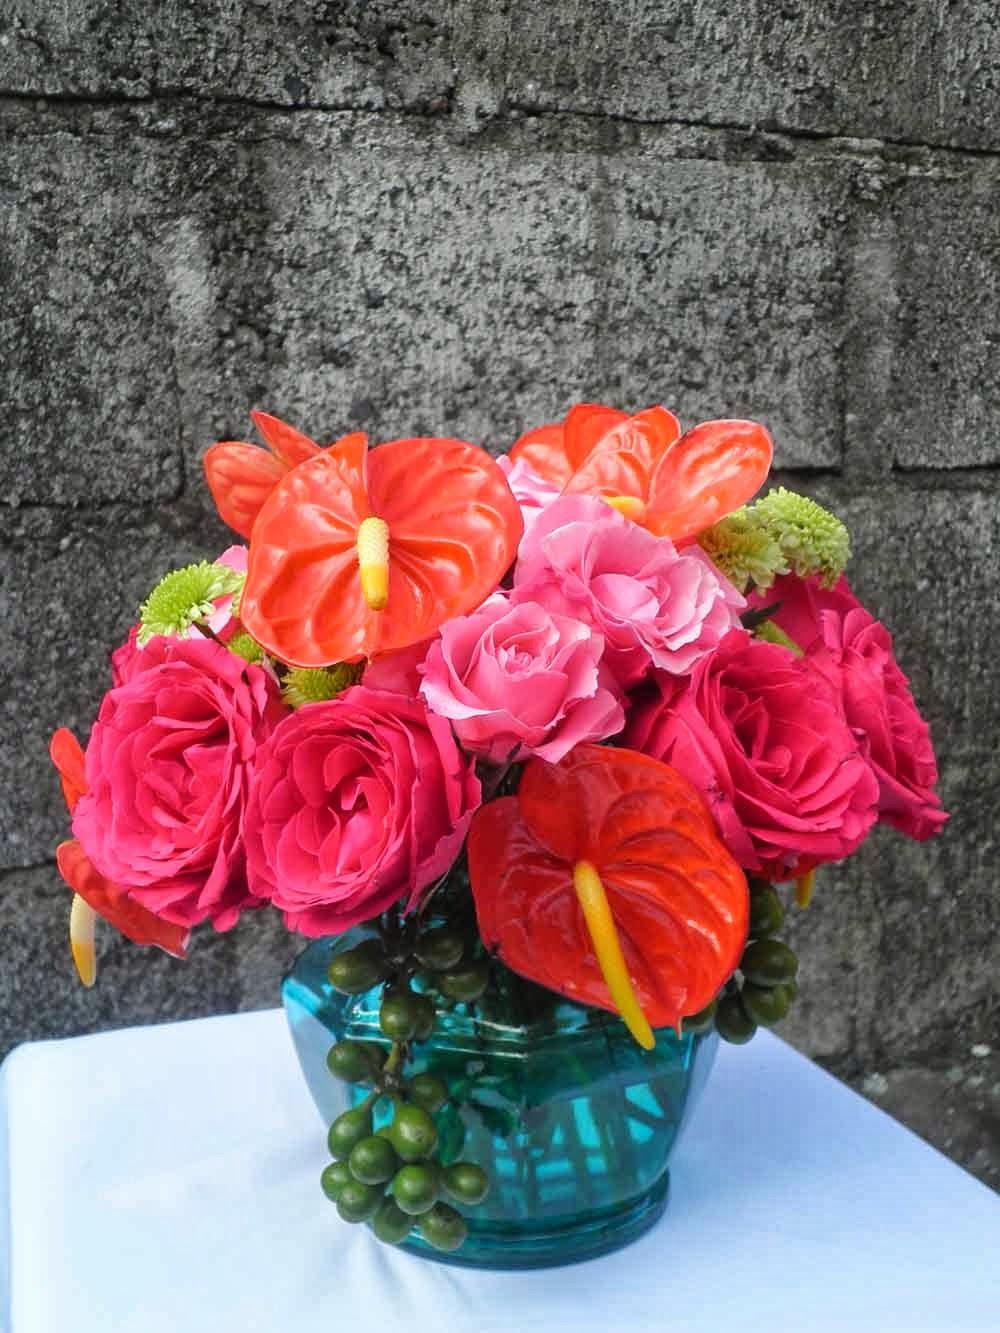 turquoise vase-hot pink rose, pink rose, red anthurium and green spray chrysanthemum